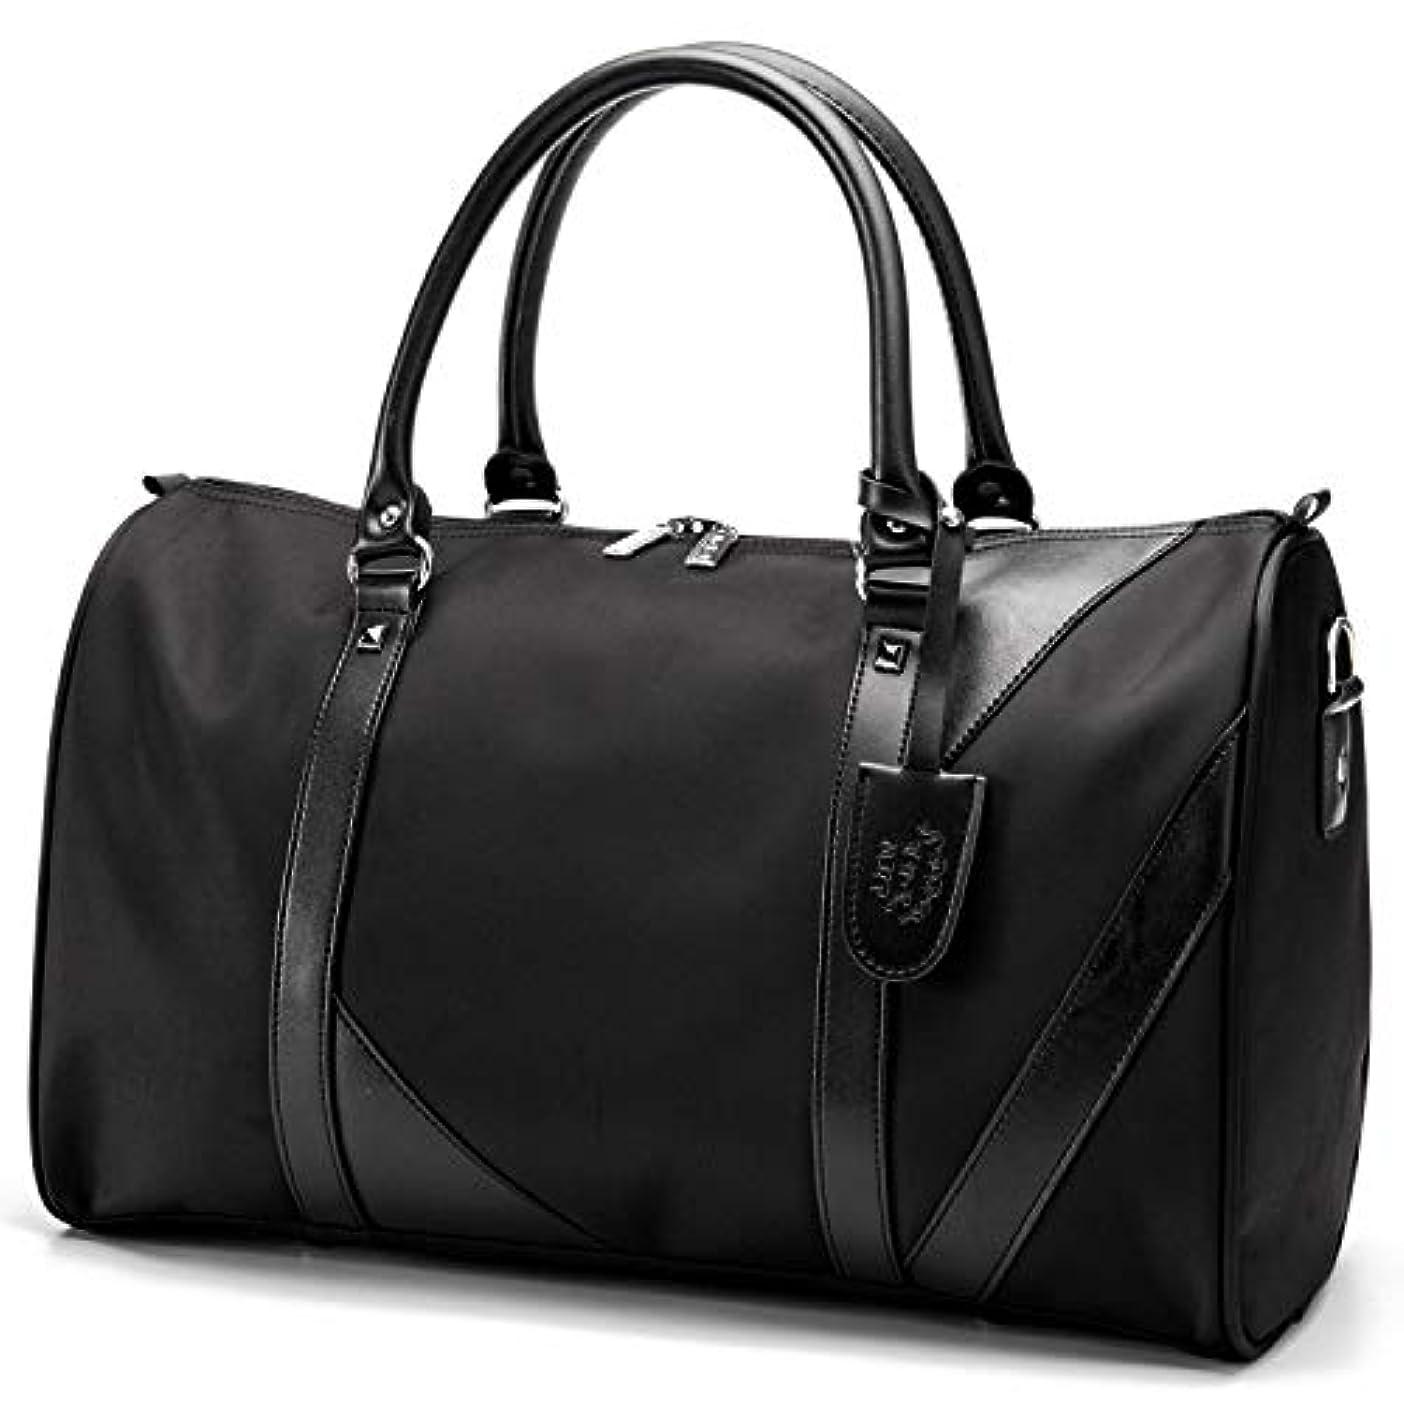 デコードするブラシしばしば[TcIFE]ボストンバッグ レディース メンズ スポーツダッフルバッグ ガーメントバッグ 大容量 修学 旅行トラベルバッグ シューズ収納バッグ